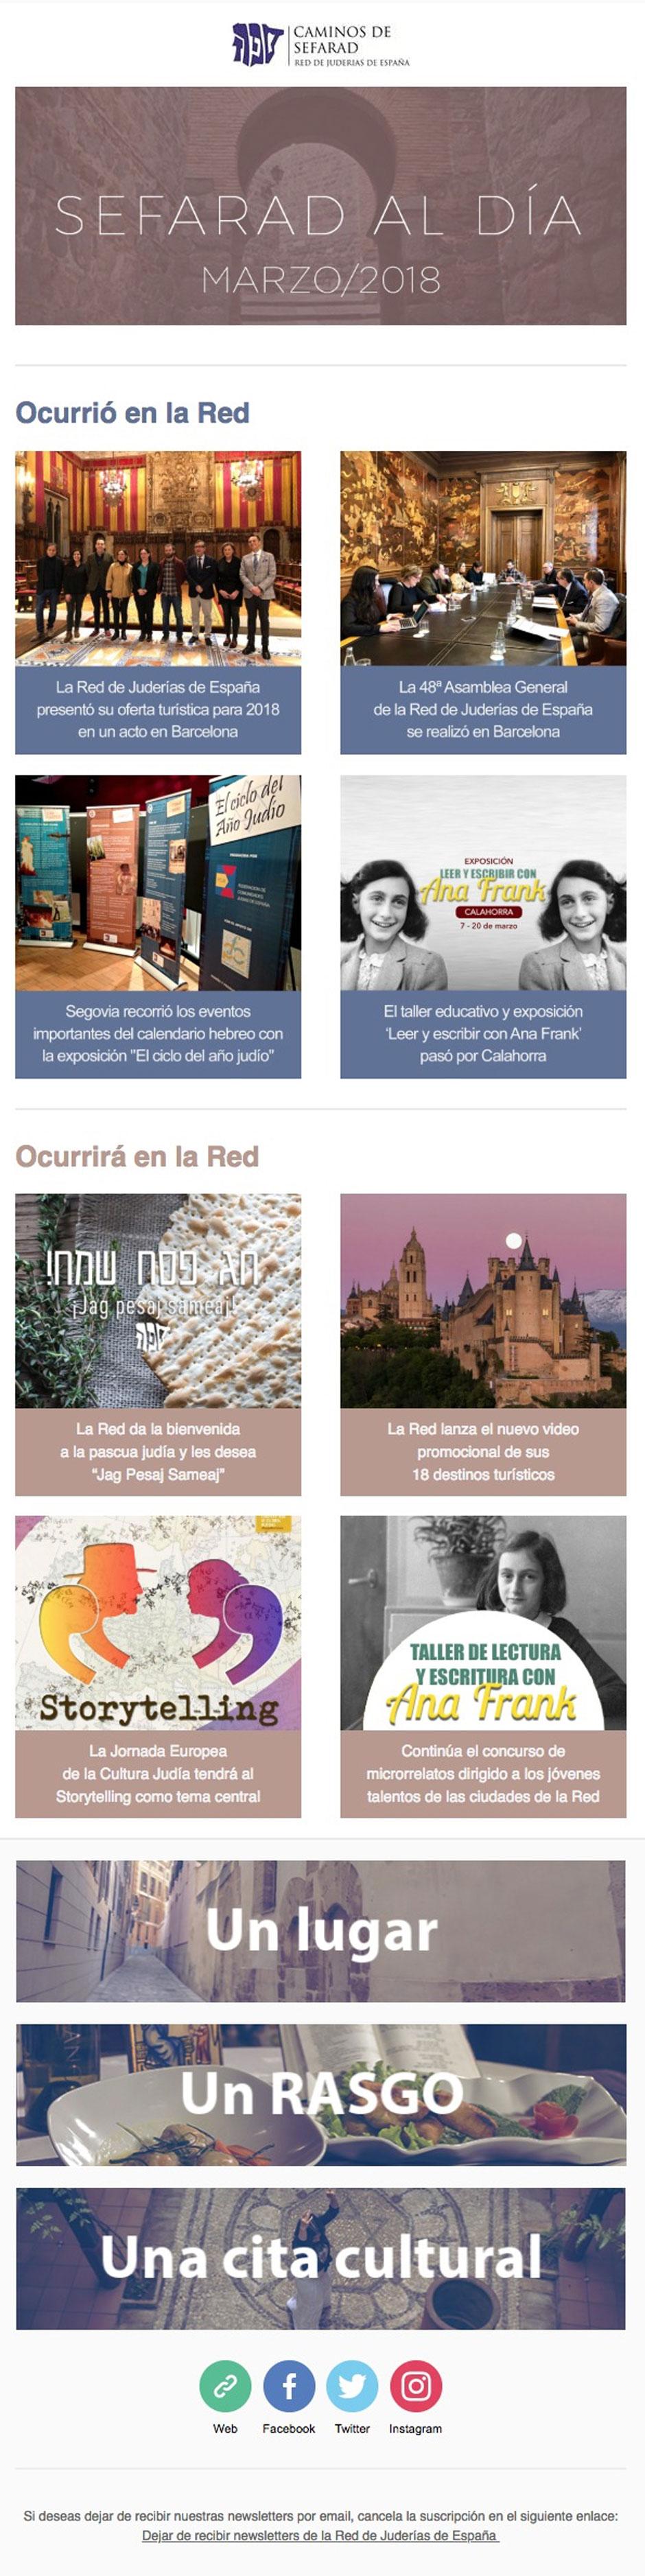 newsletter sefarad al día | Red de Juderías de España - Caminos de Sefarad